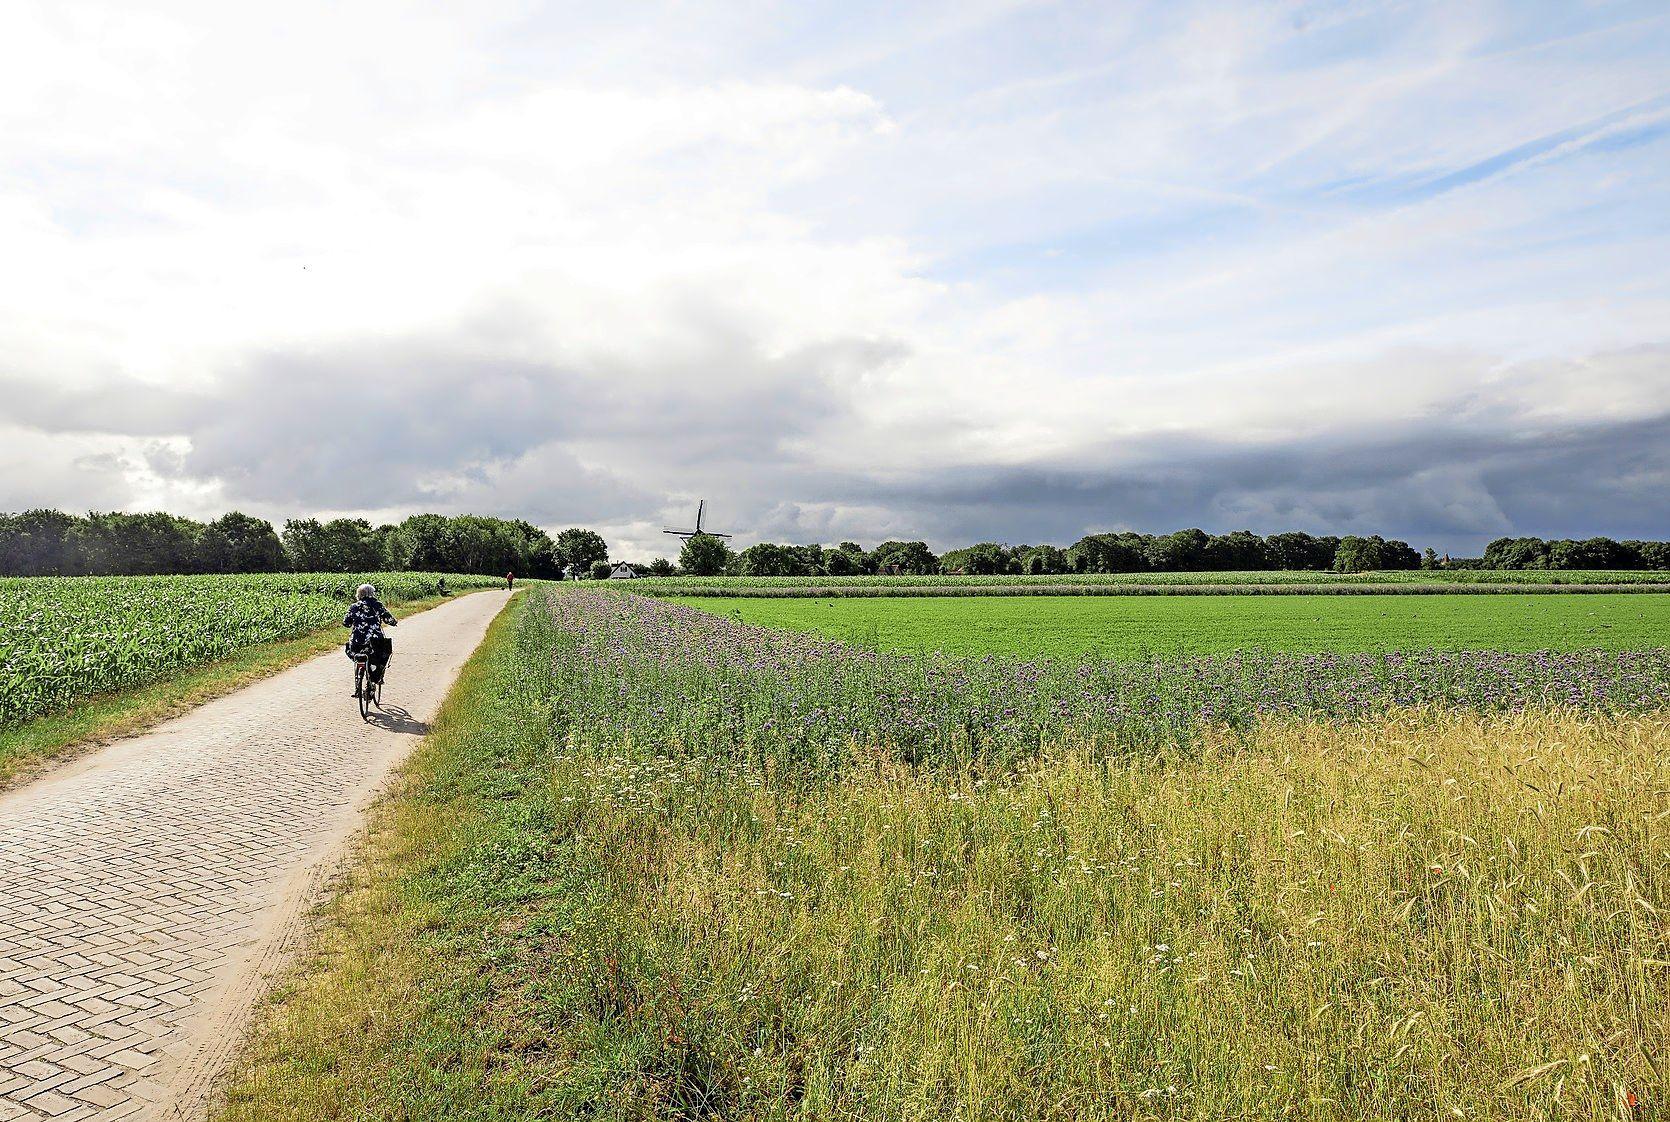 'Iedereen wil bouwen, maar als je vraagt waar dan heeft niemand een antwoord', zegt wethouder Aukje Treep. Soest gaat dapper door richting onvermijdelijk dilemma: Groen? Of woningen?